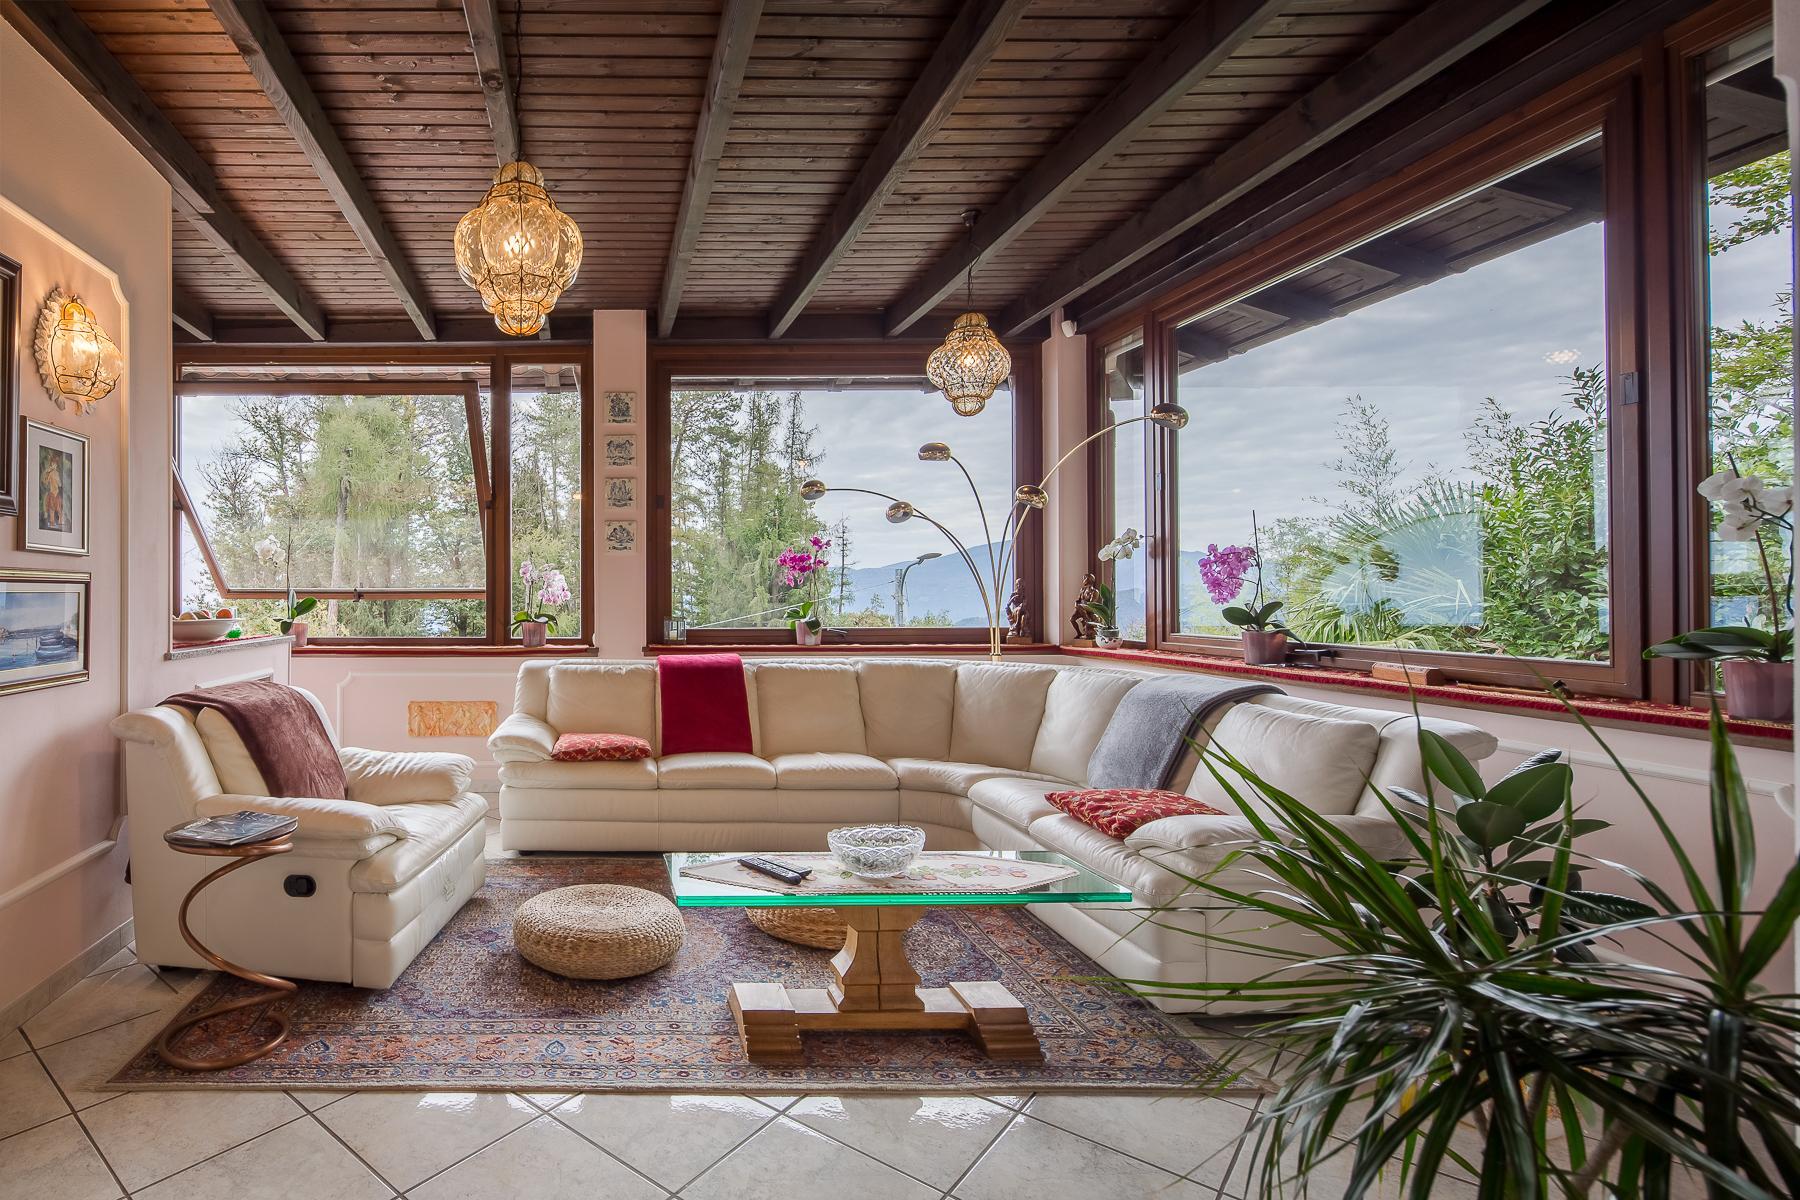 Villa unifamiliare nella zona collinare di Verbania con vista magnifica sul lago - 19